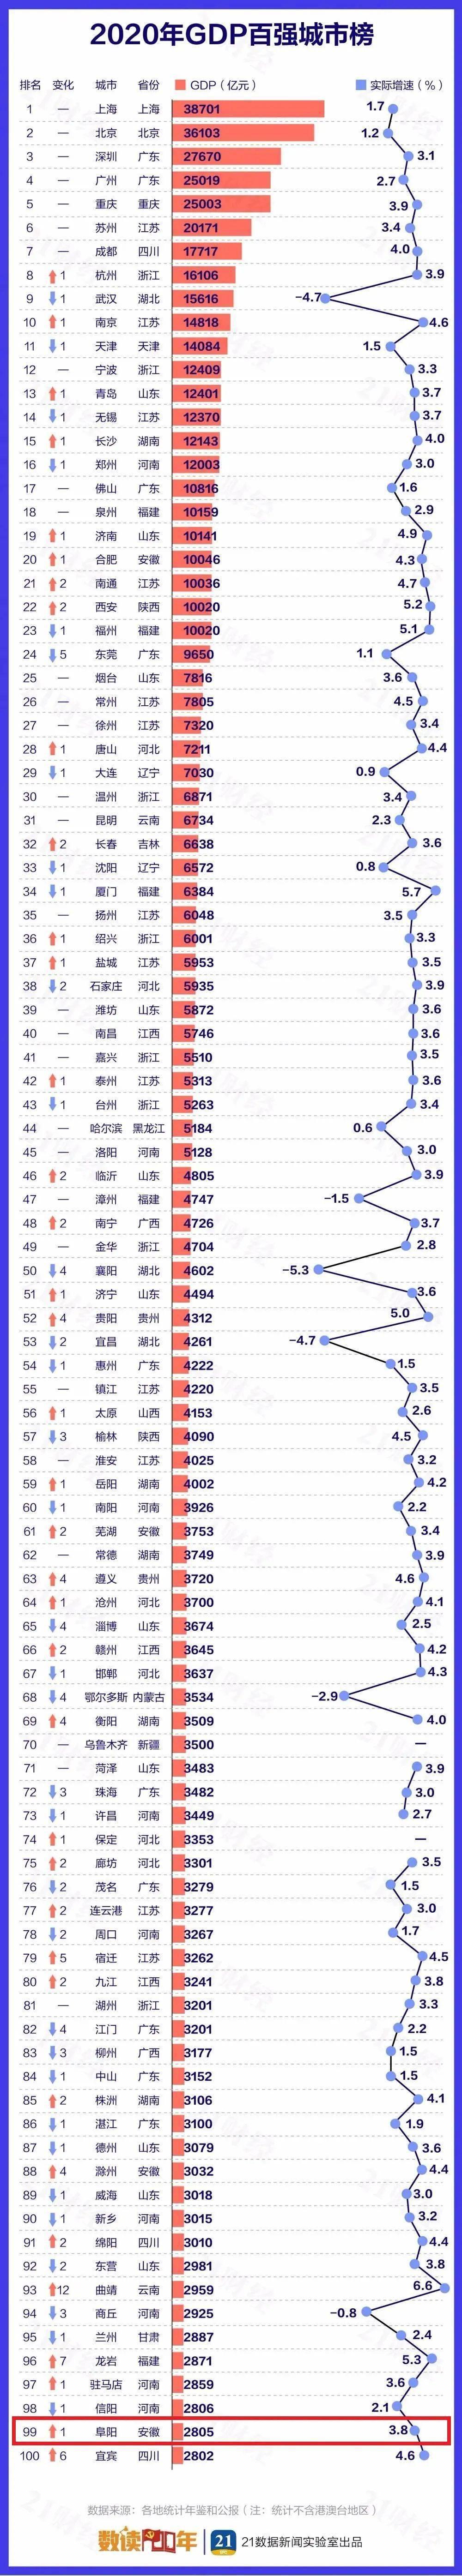 2021阜阳gdp_重磅会议!定调阜阳2021年经济工作这么干!